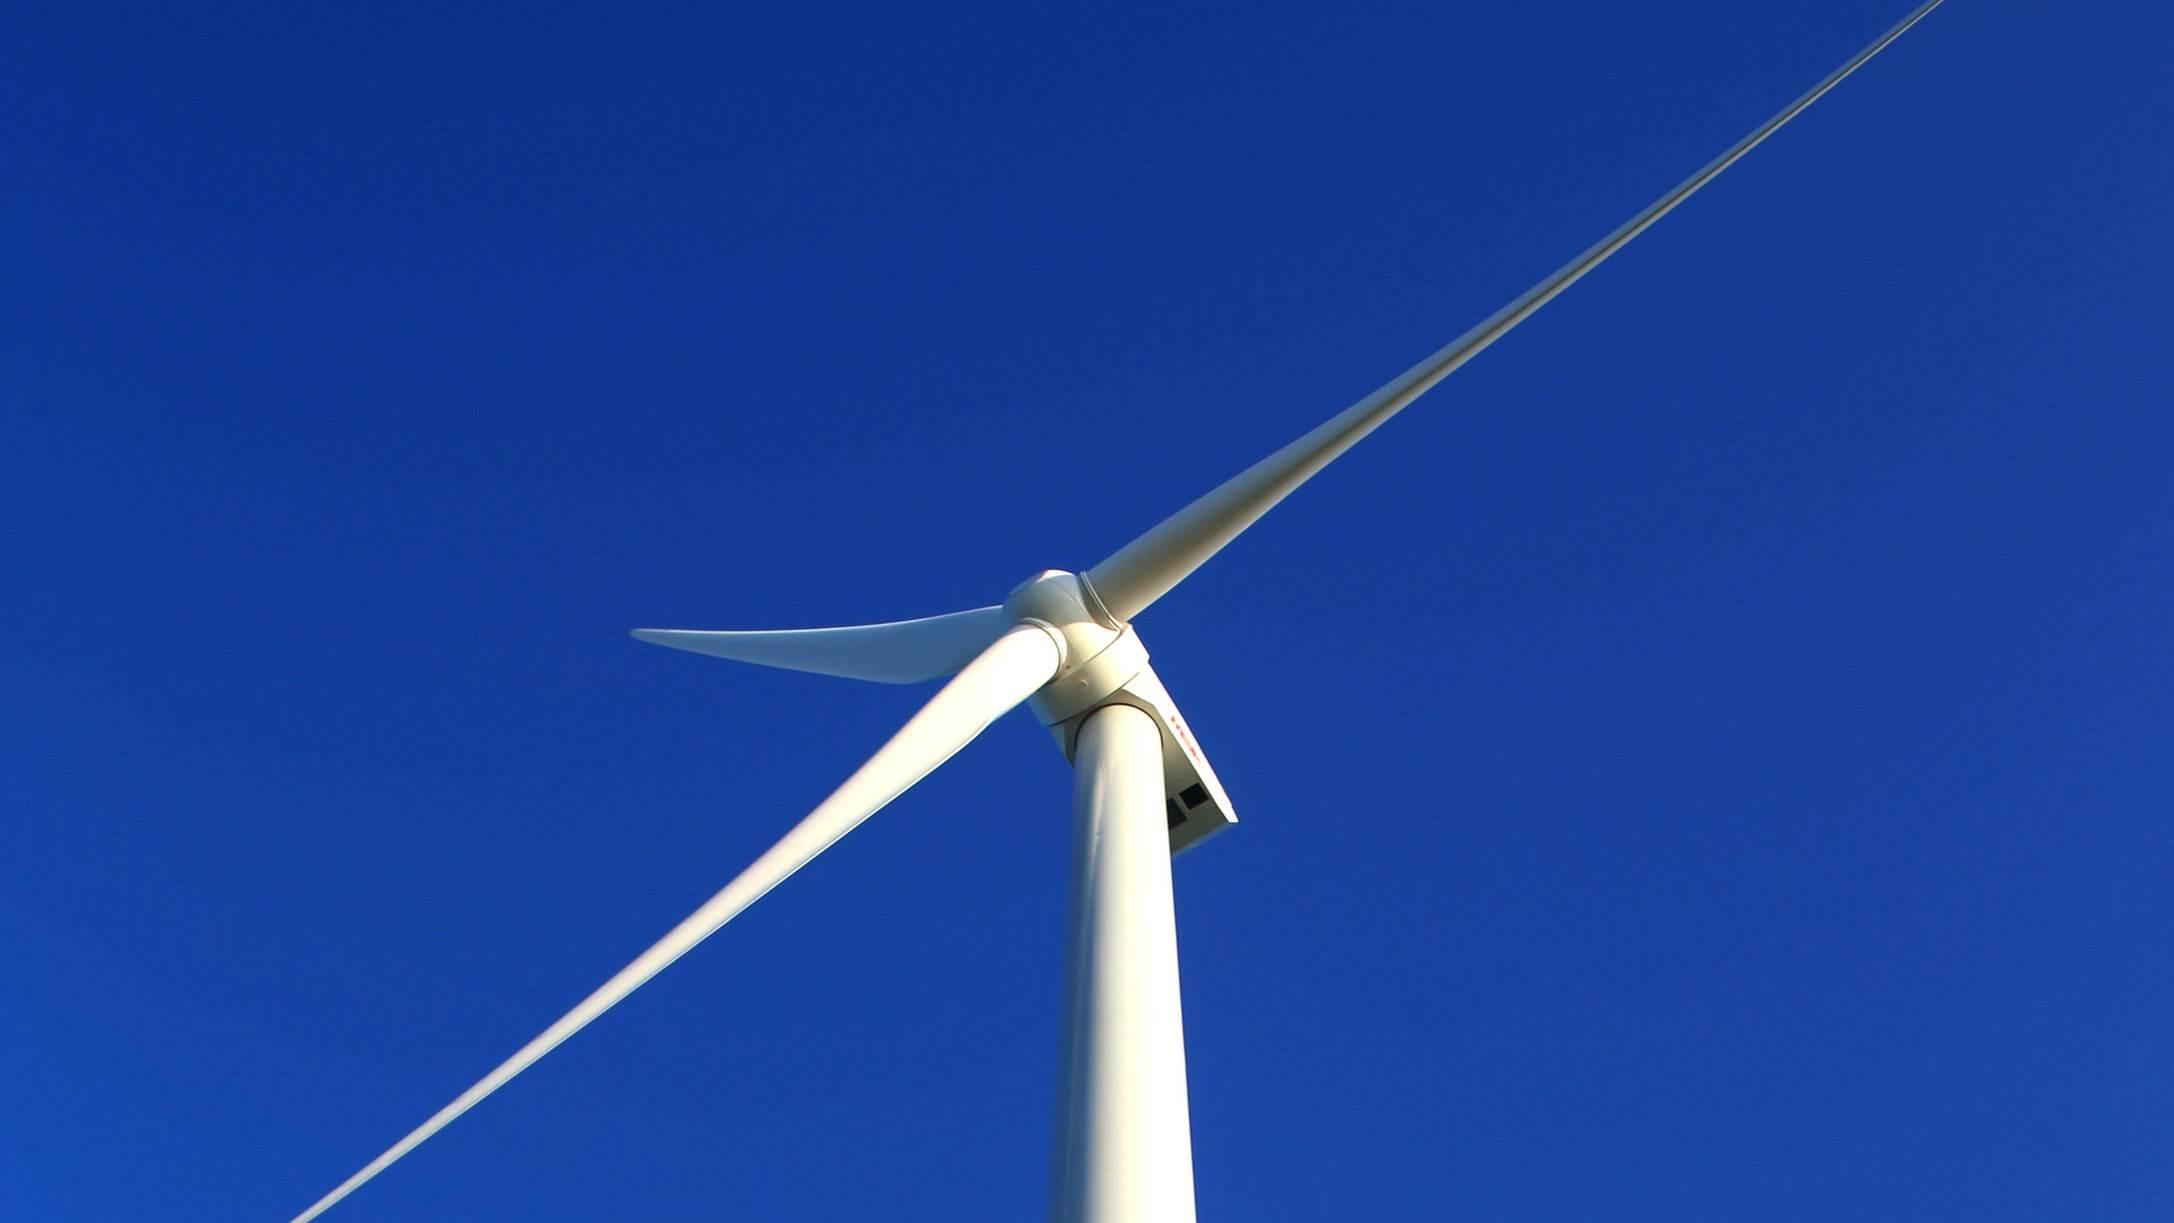 贵州省首台3.2兆瓦风机完成带电调试投产发电